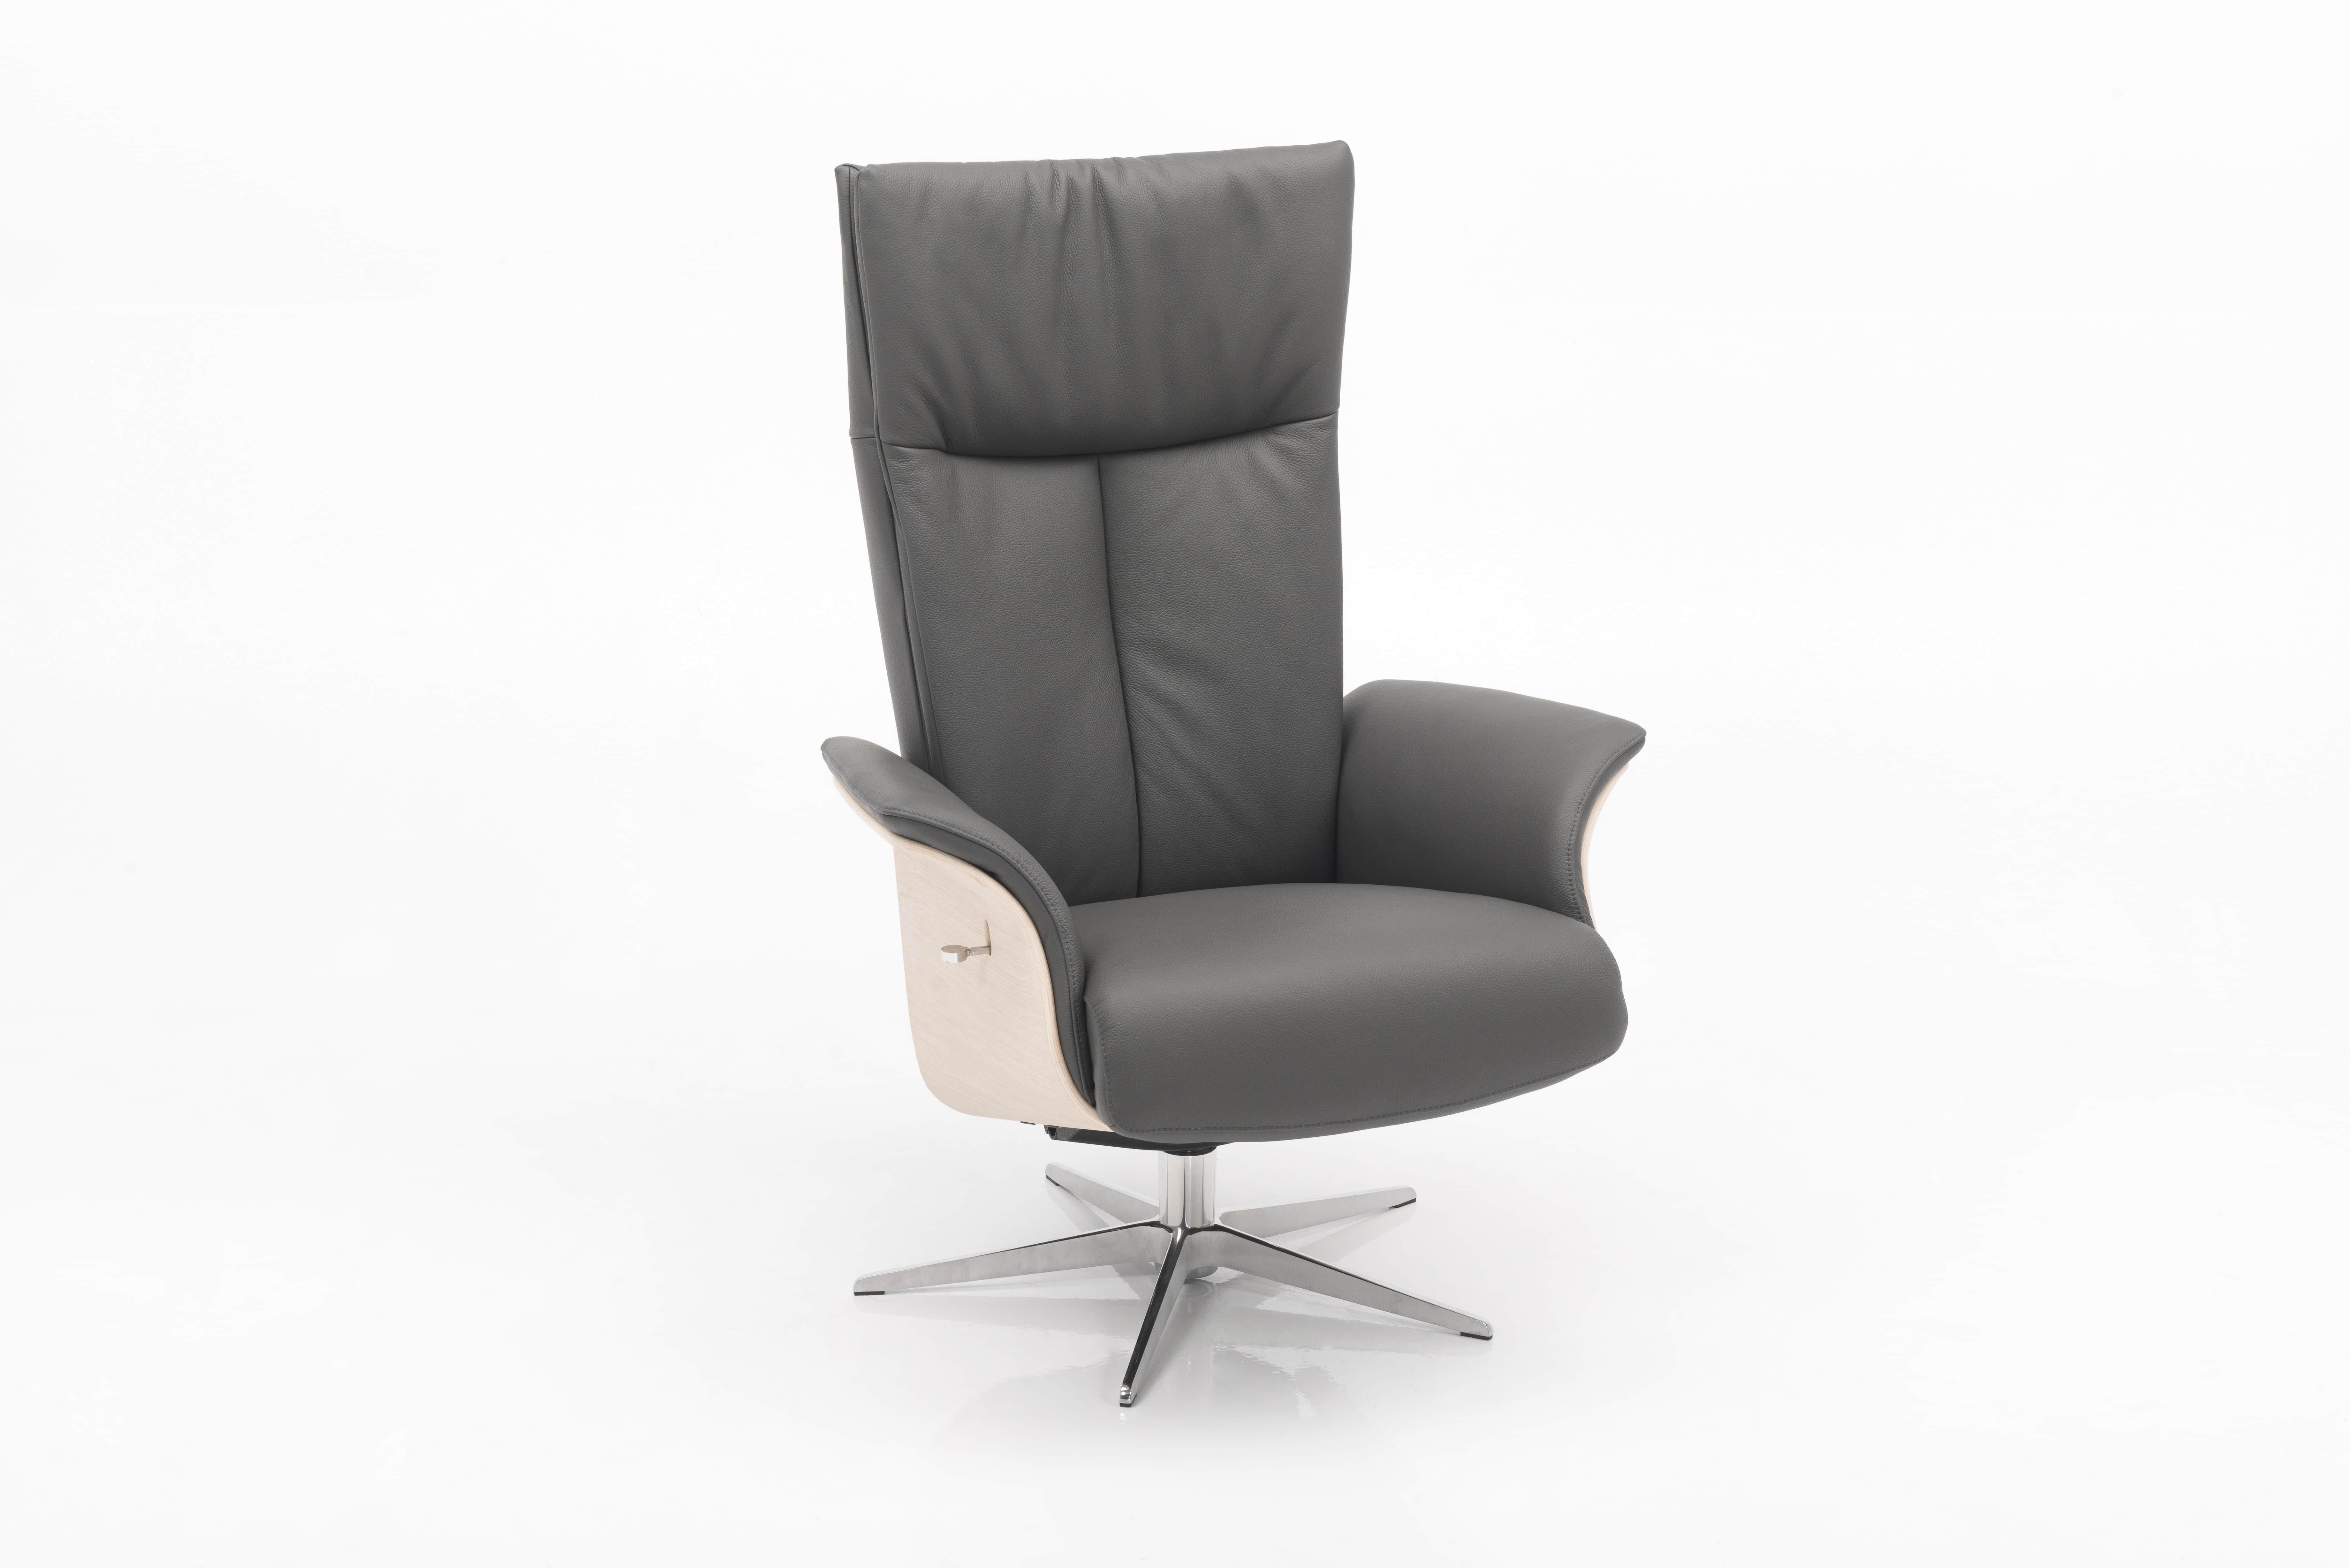 fernsehsessel liegen sitzen betten kassel liegen sitzen betten kassel. Black Bedroom Furniture Sets. Home Design Ideas